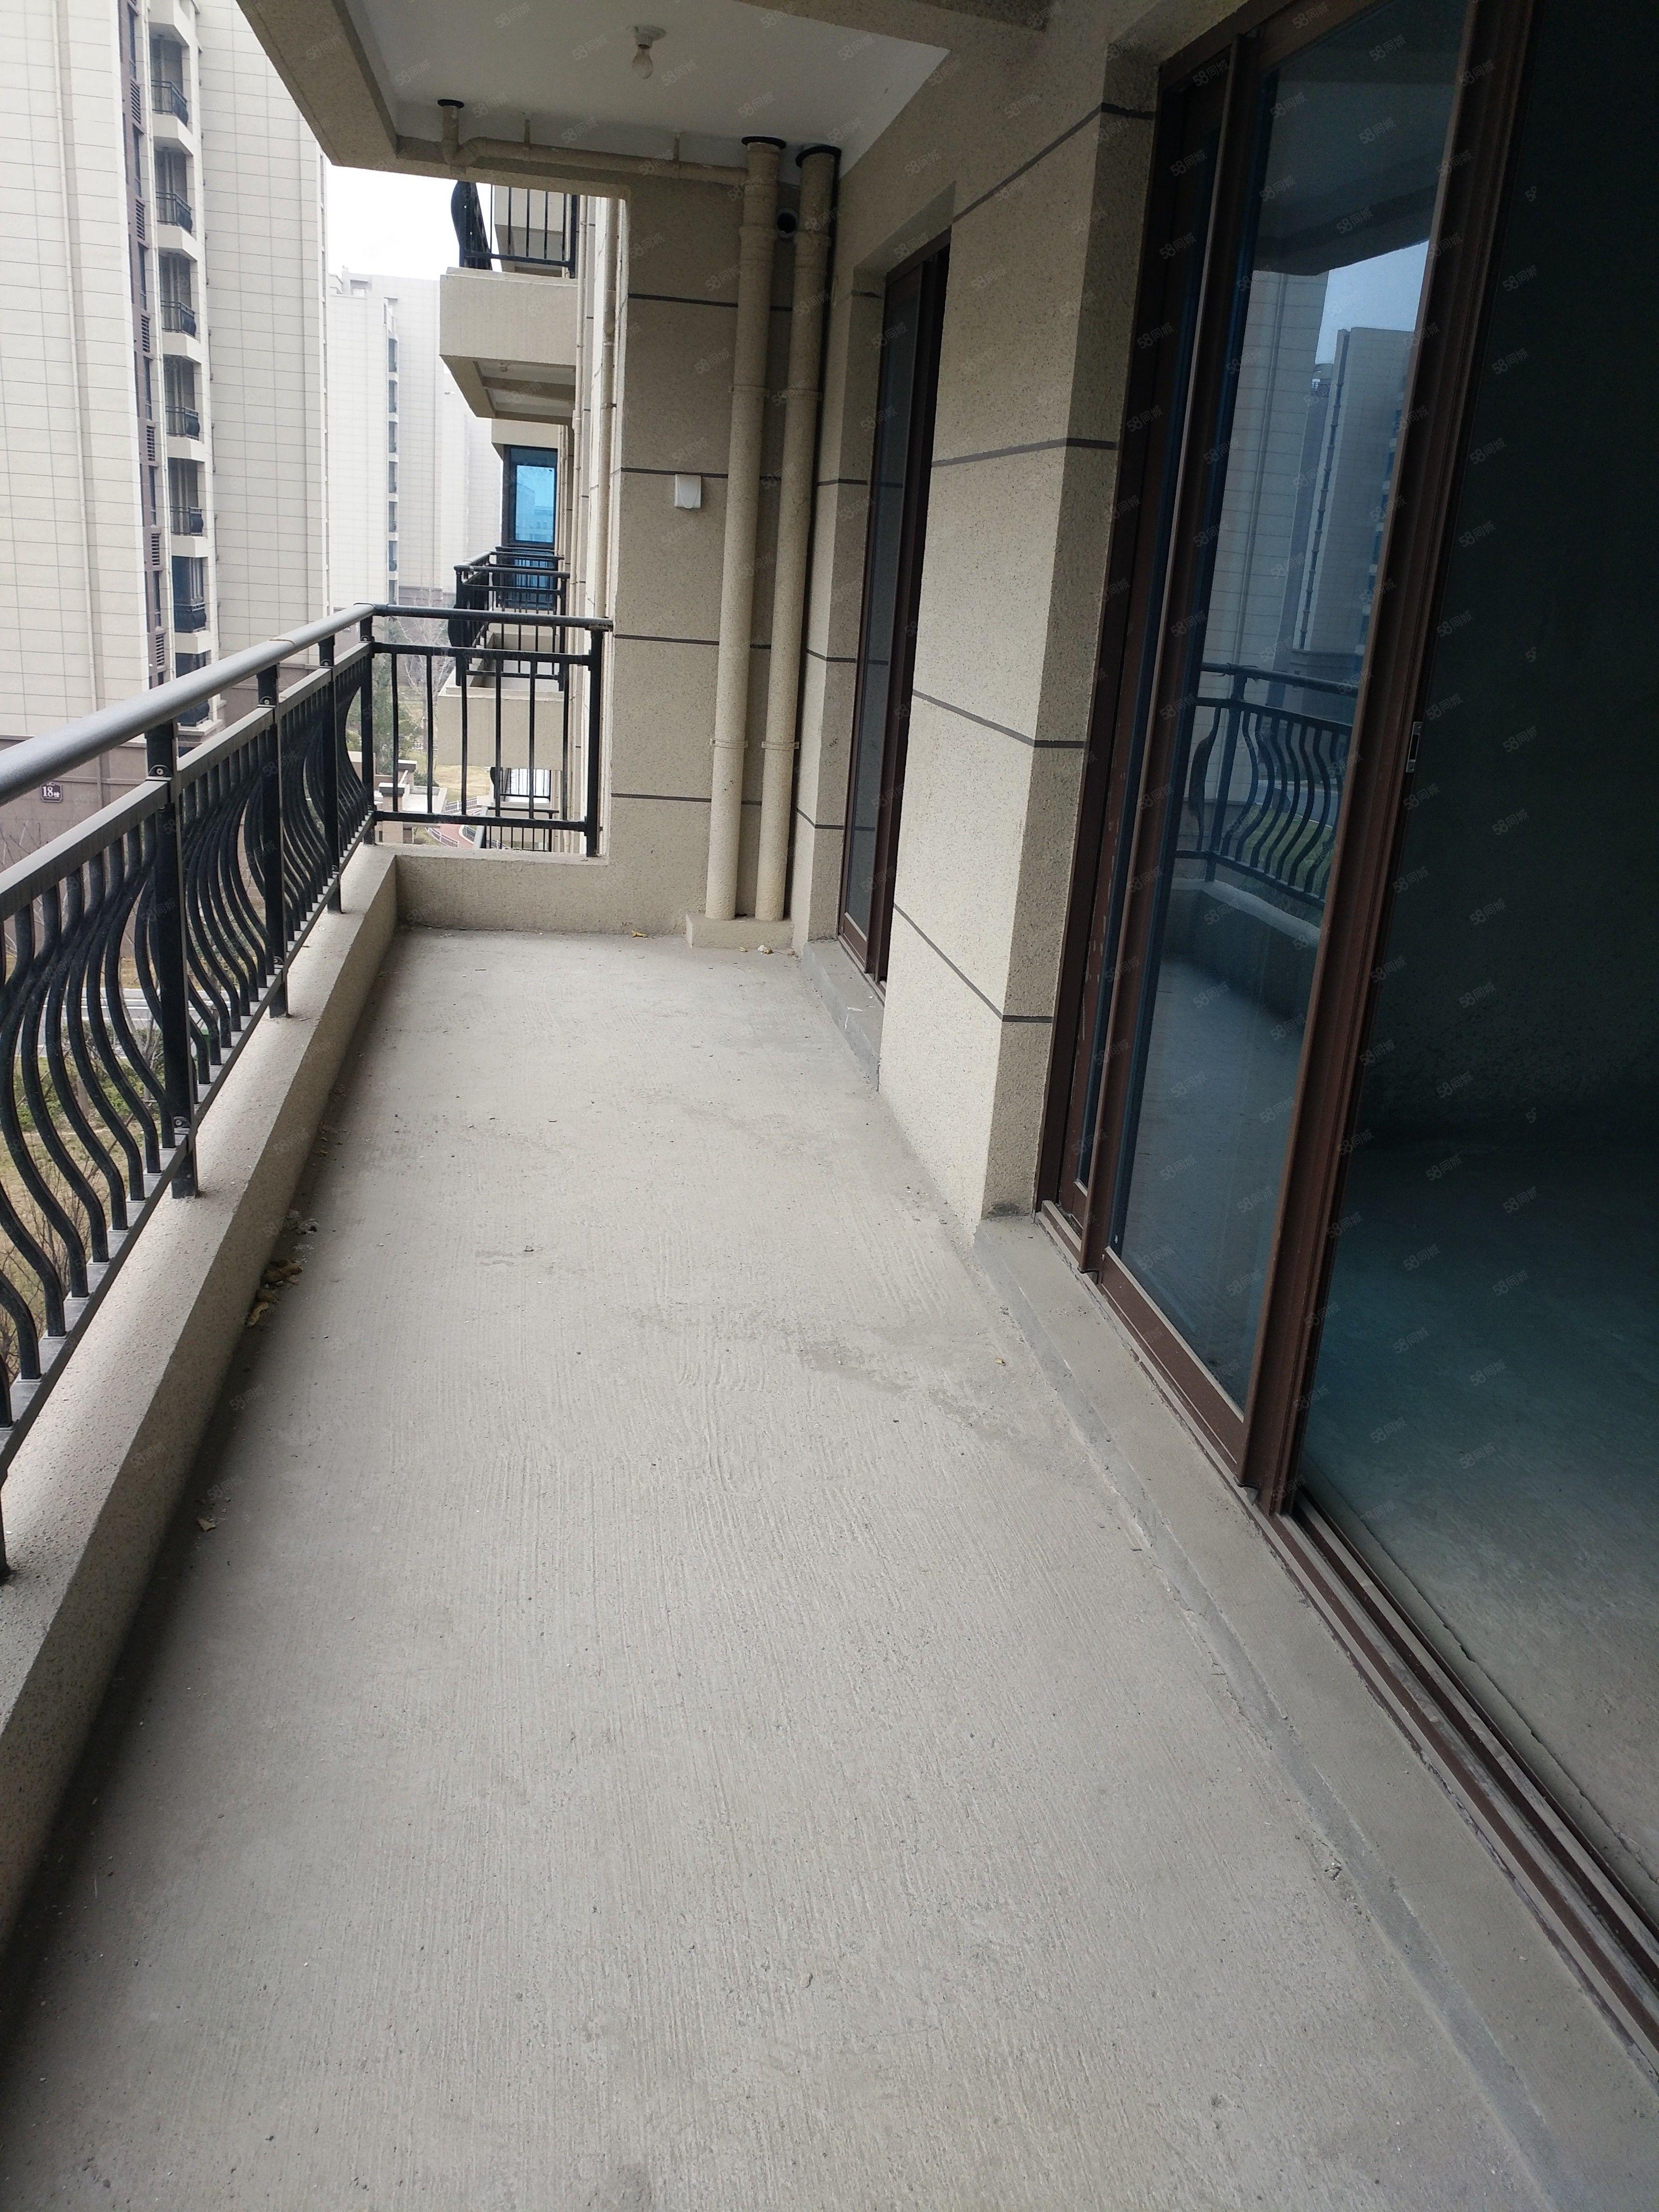 急售碧桂园龙城洋房五楼,四室两厅两卫,一中、德和公园旁